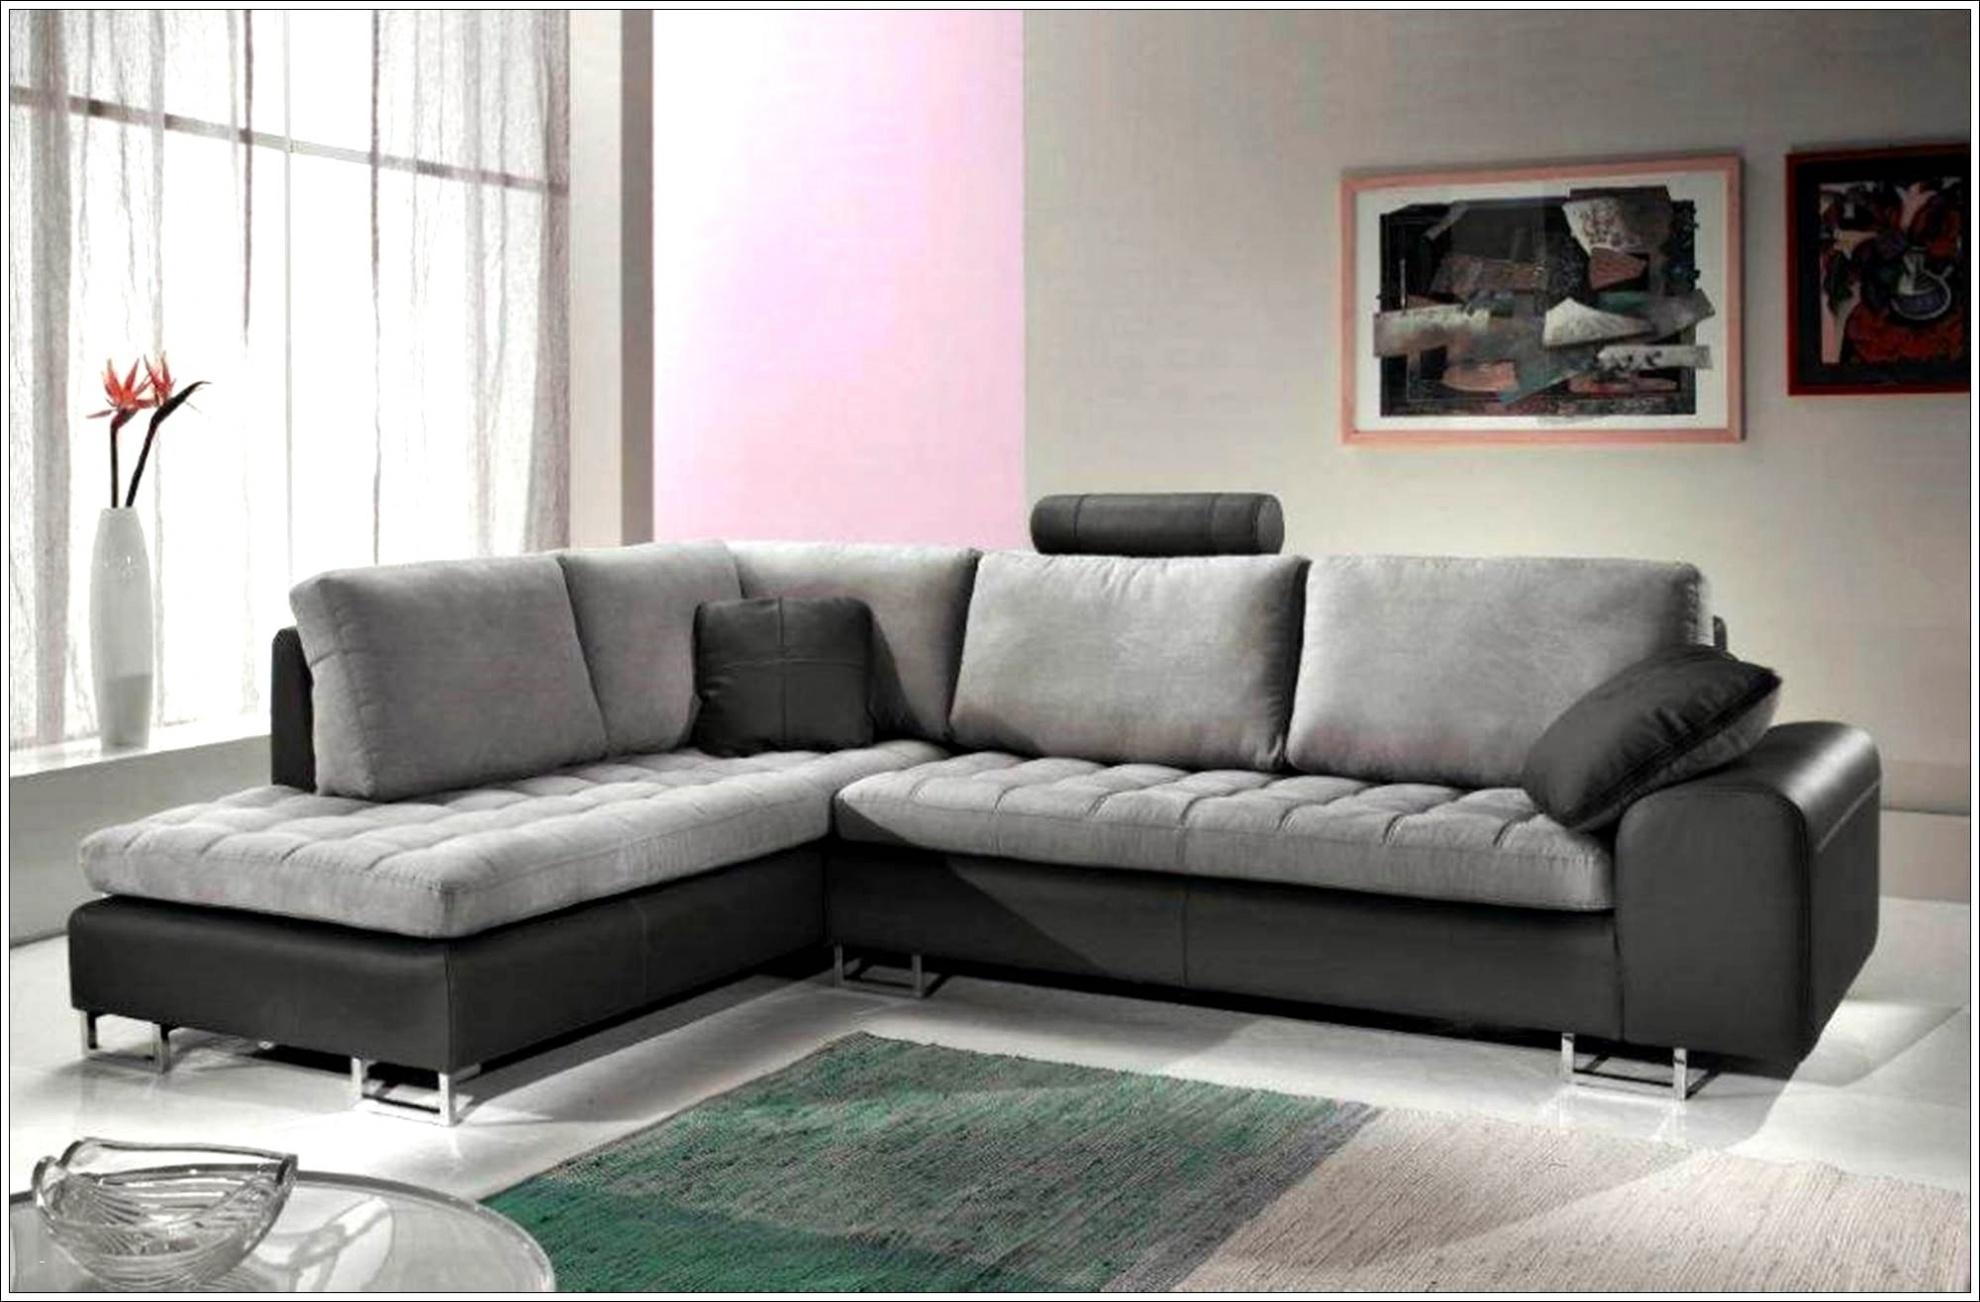 Canapé Jimi La Redoute Élégant Images Maha S Couch 7 Places Home Mahagranda